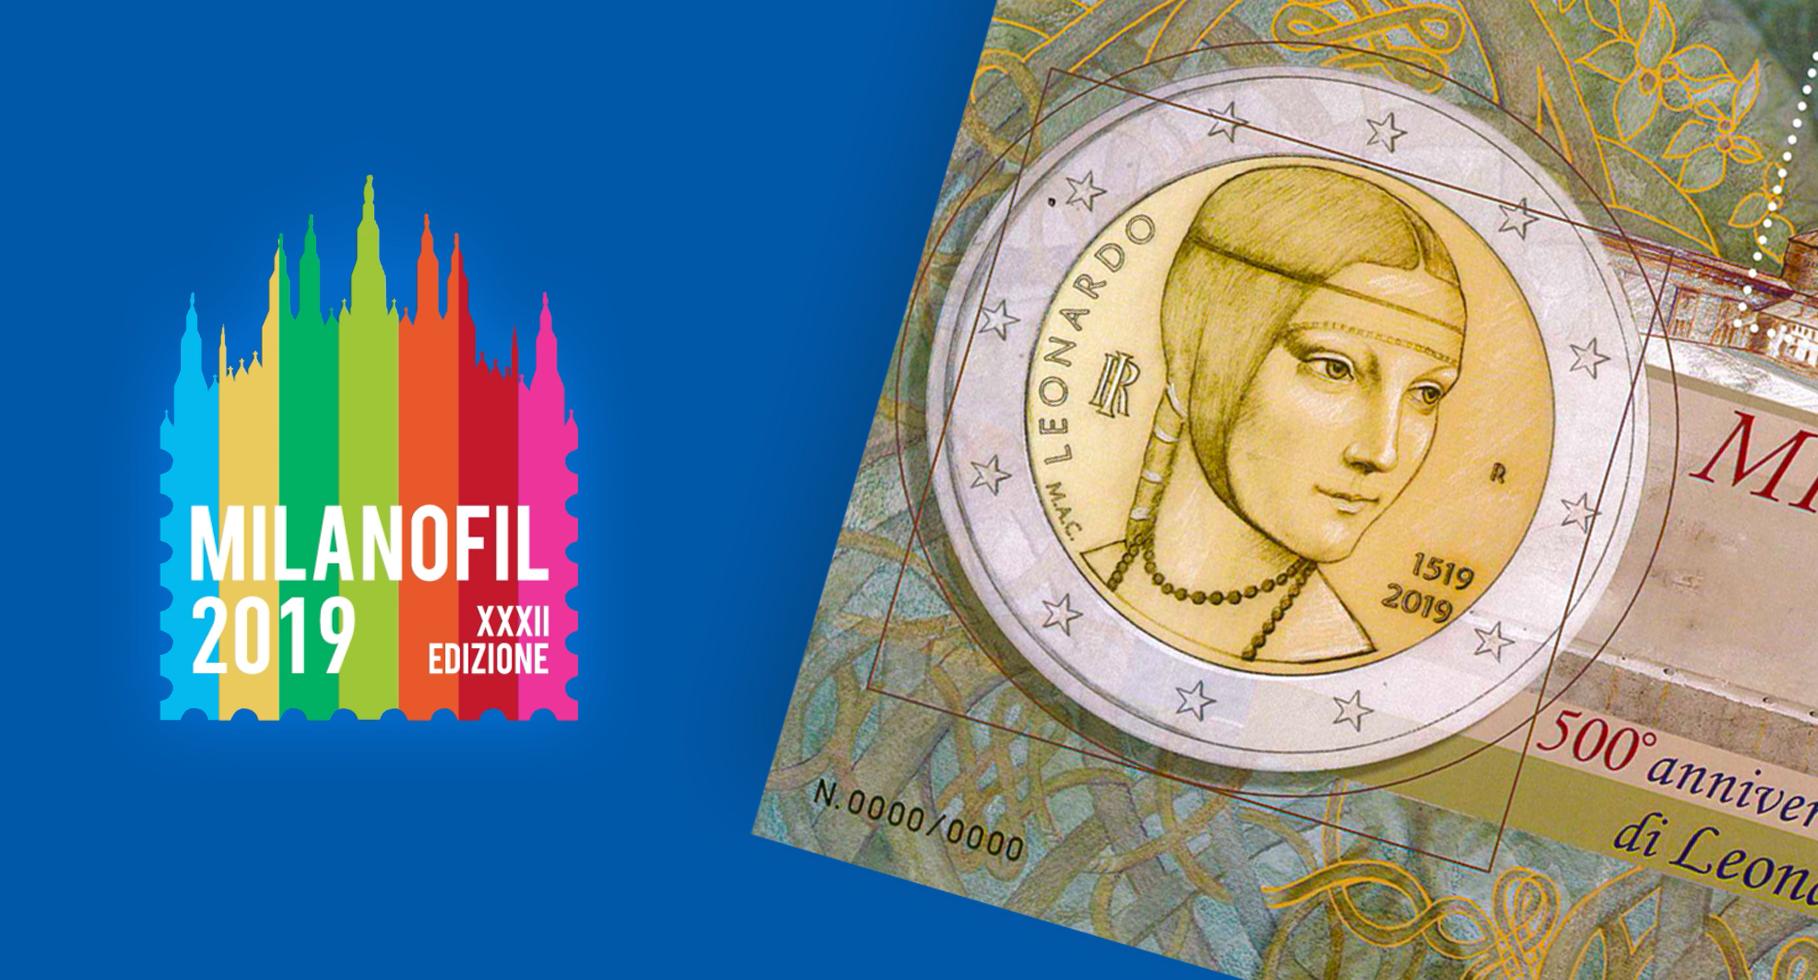 Il Poligrafico a Milanofil 2019 presenta il foglietto erinnofilo dedicato al 500° anniversario della morte di Leonardo da Vinci